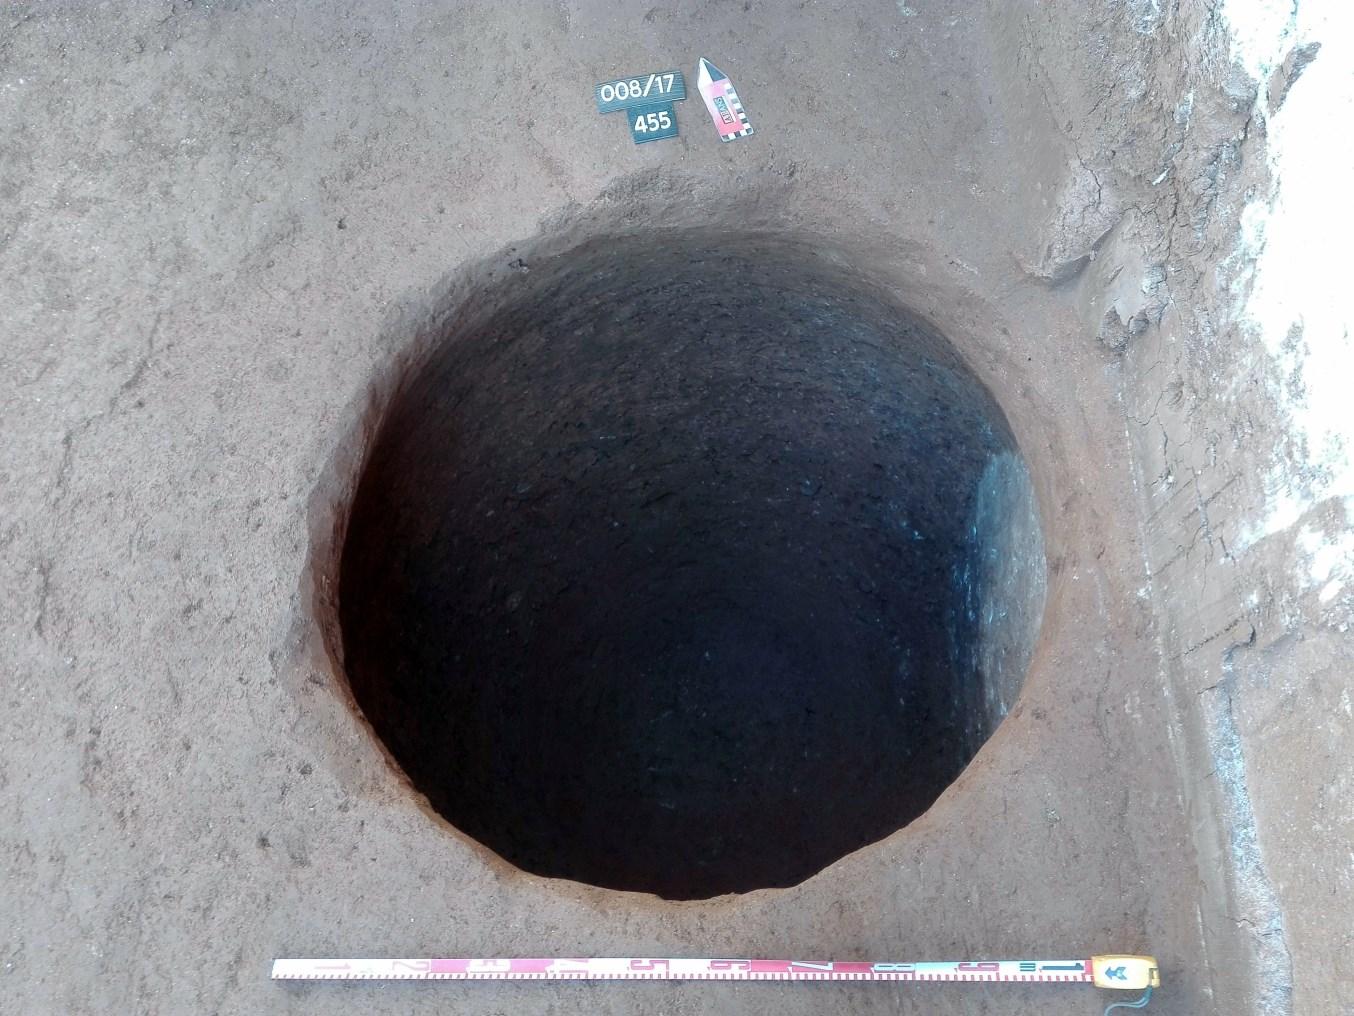 Sitja d'època medieval localitzada al pati posterior del mas (Foto: Òscar Varas)